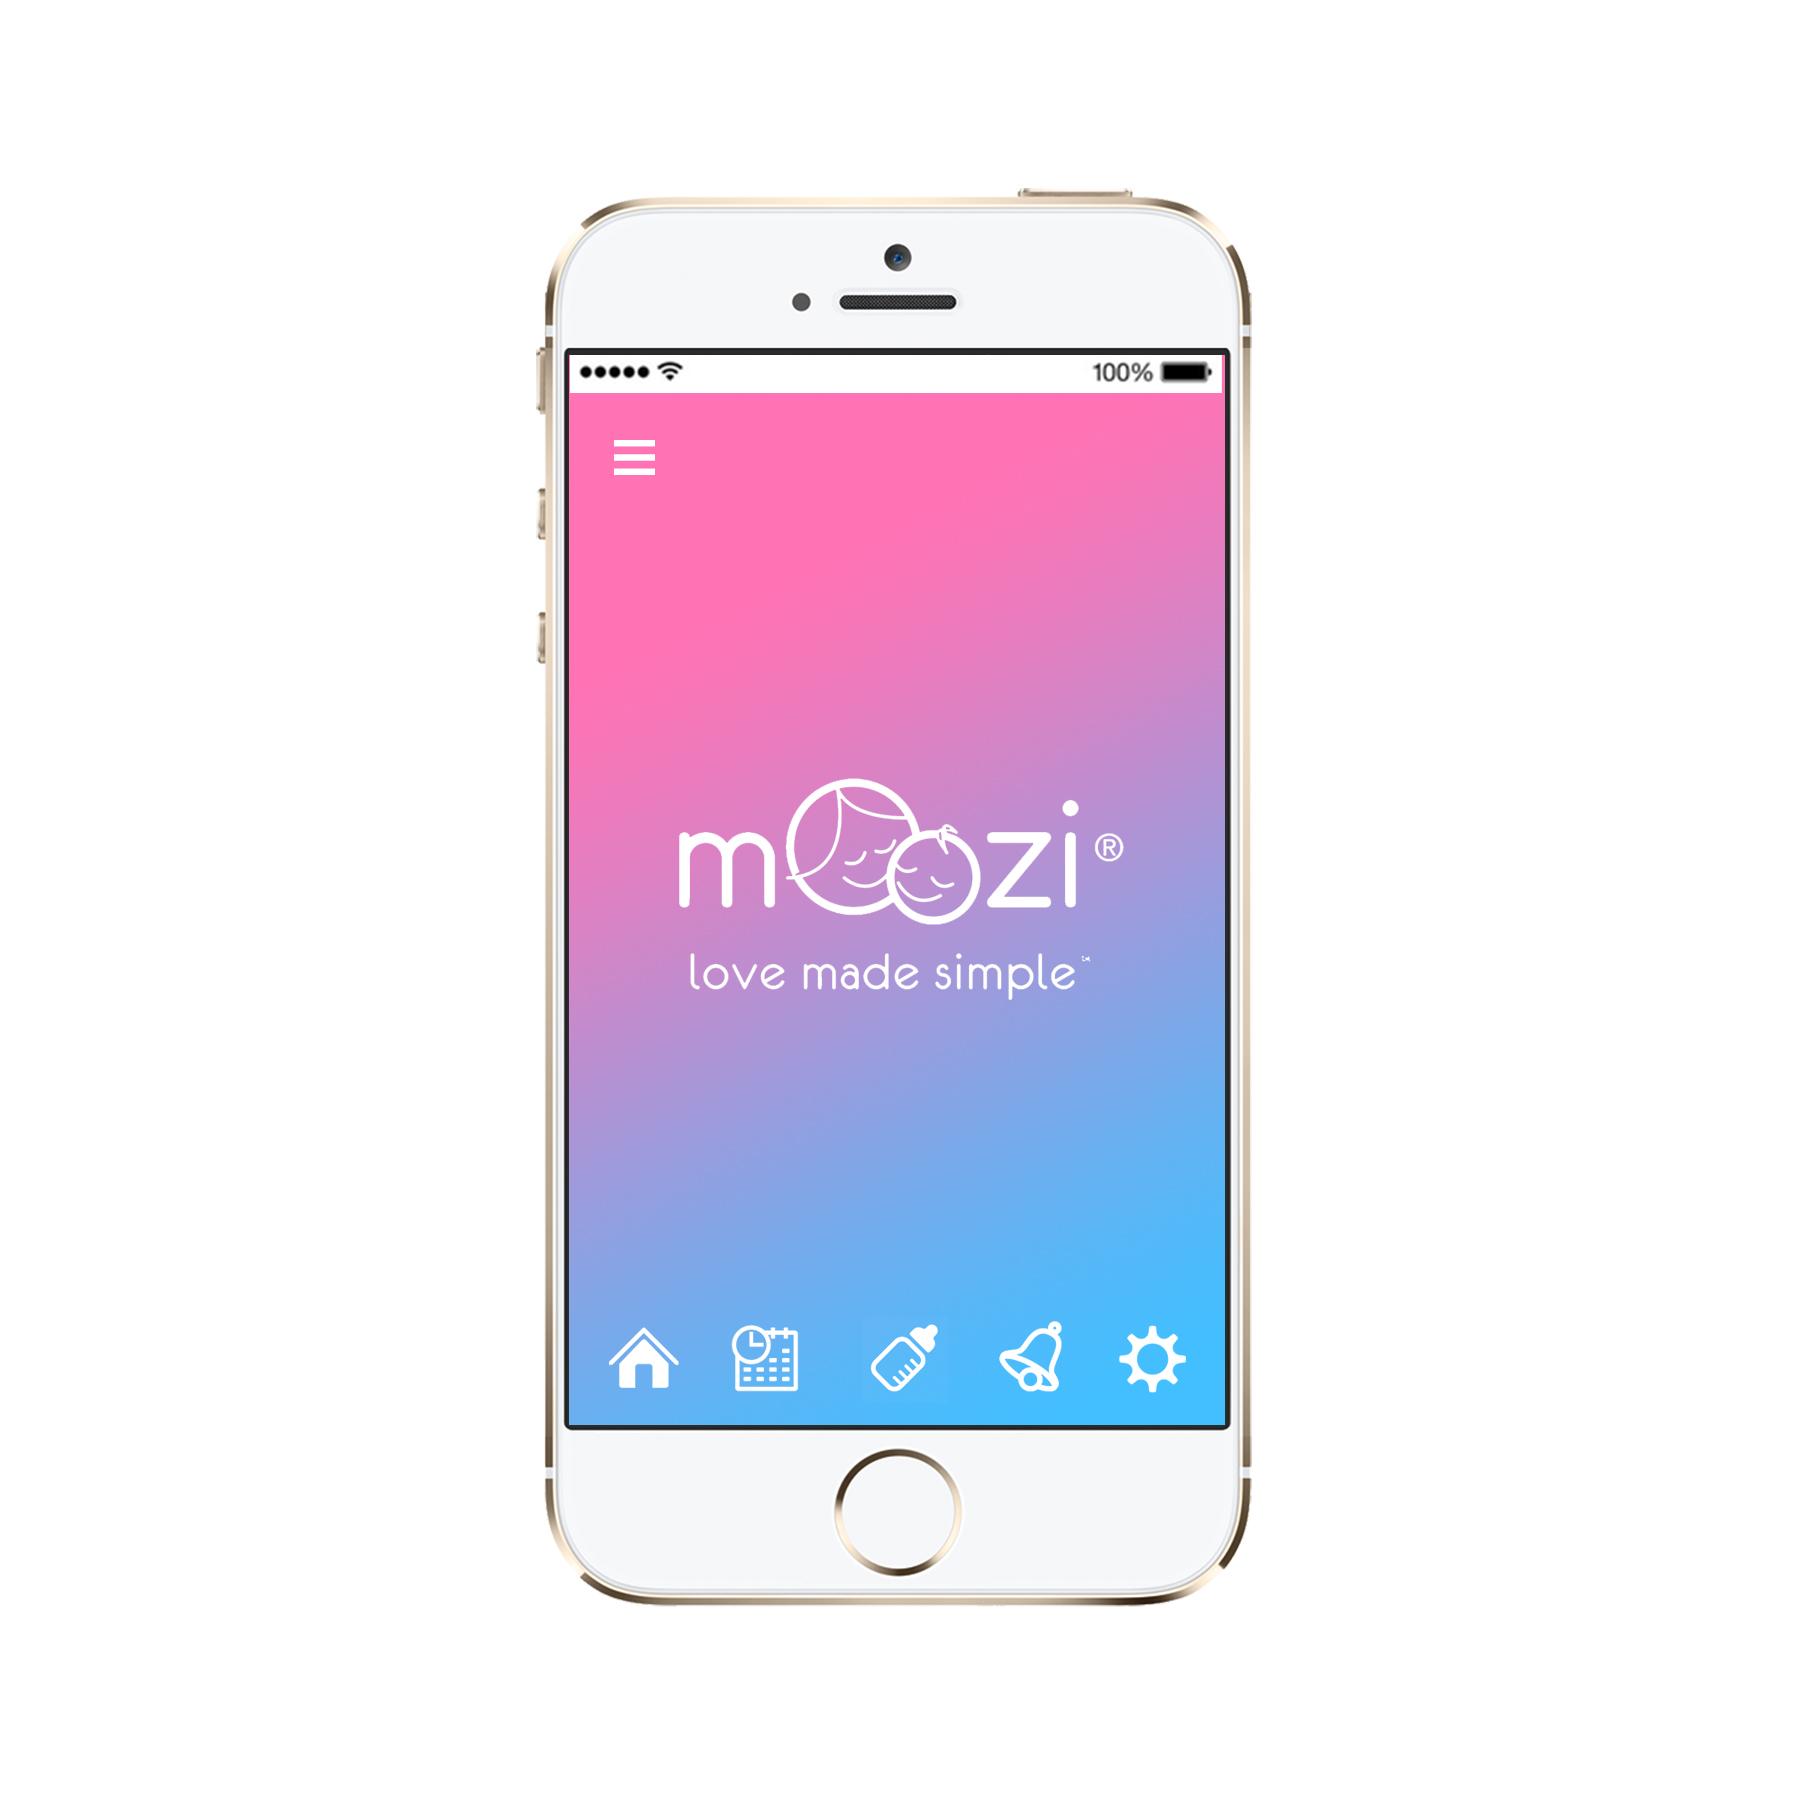 Moozi_homescreen.jpg